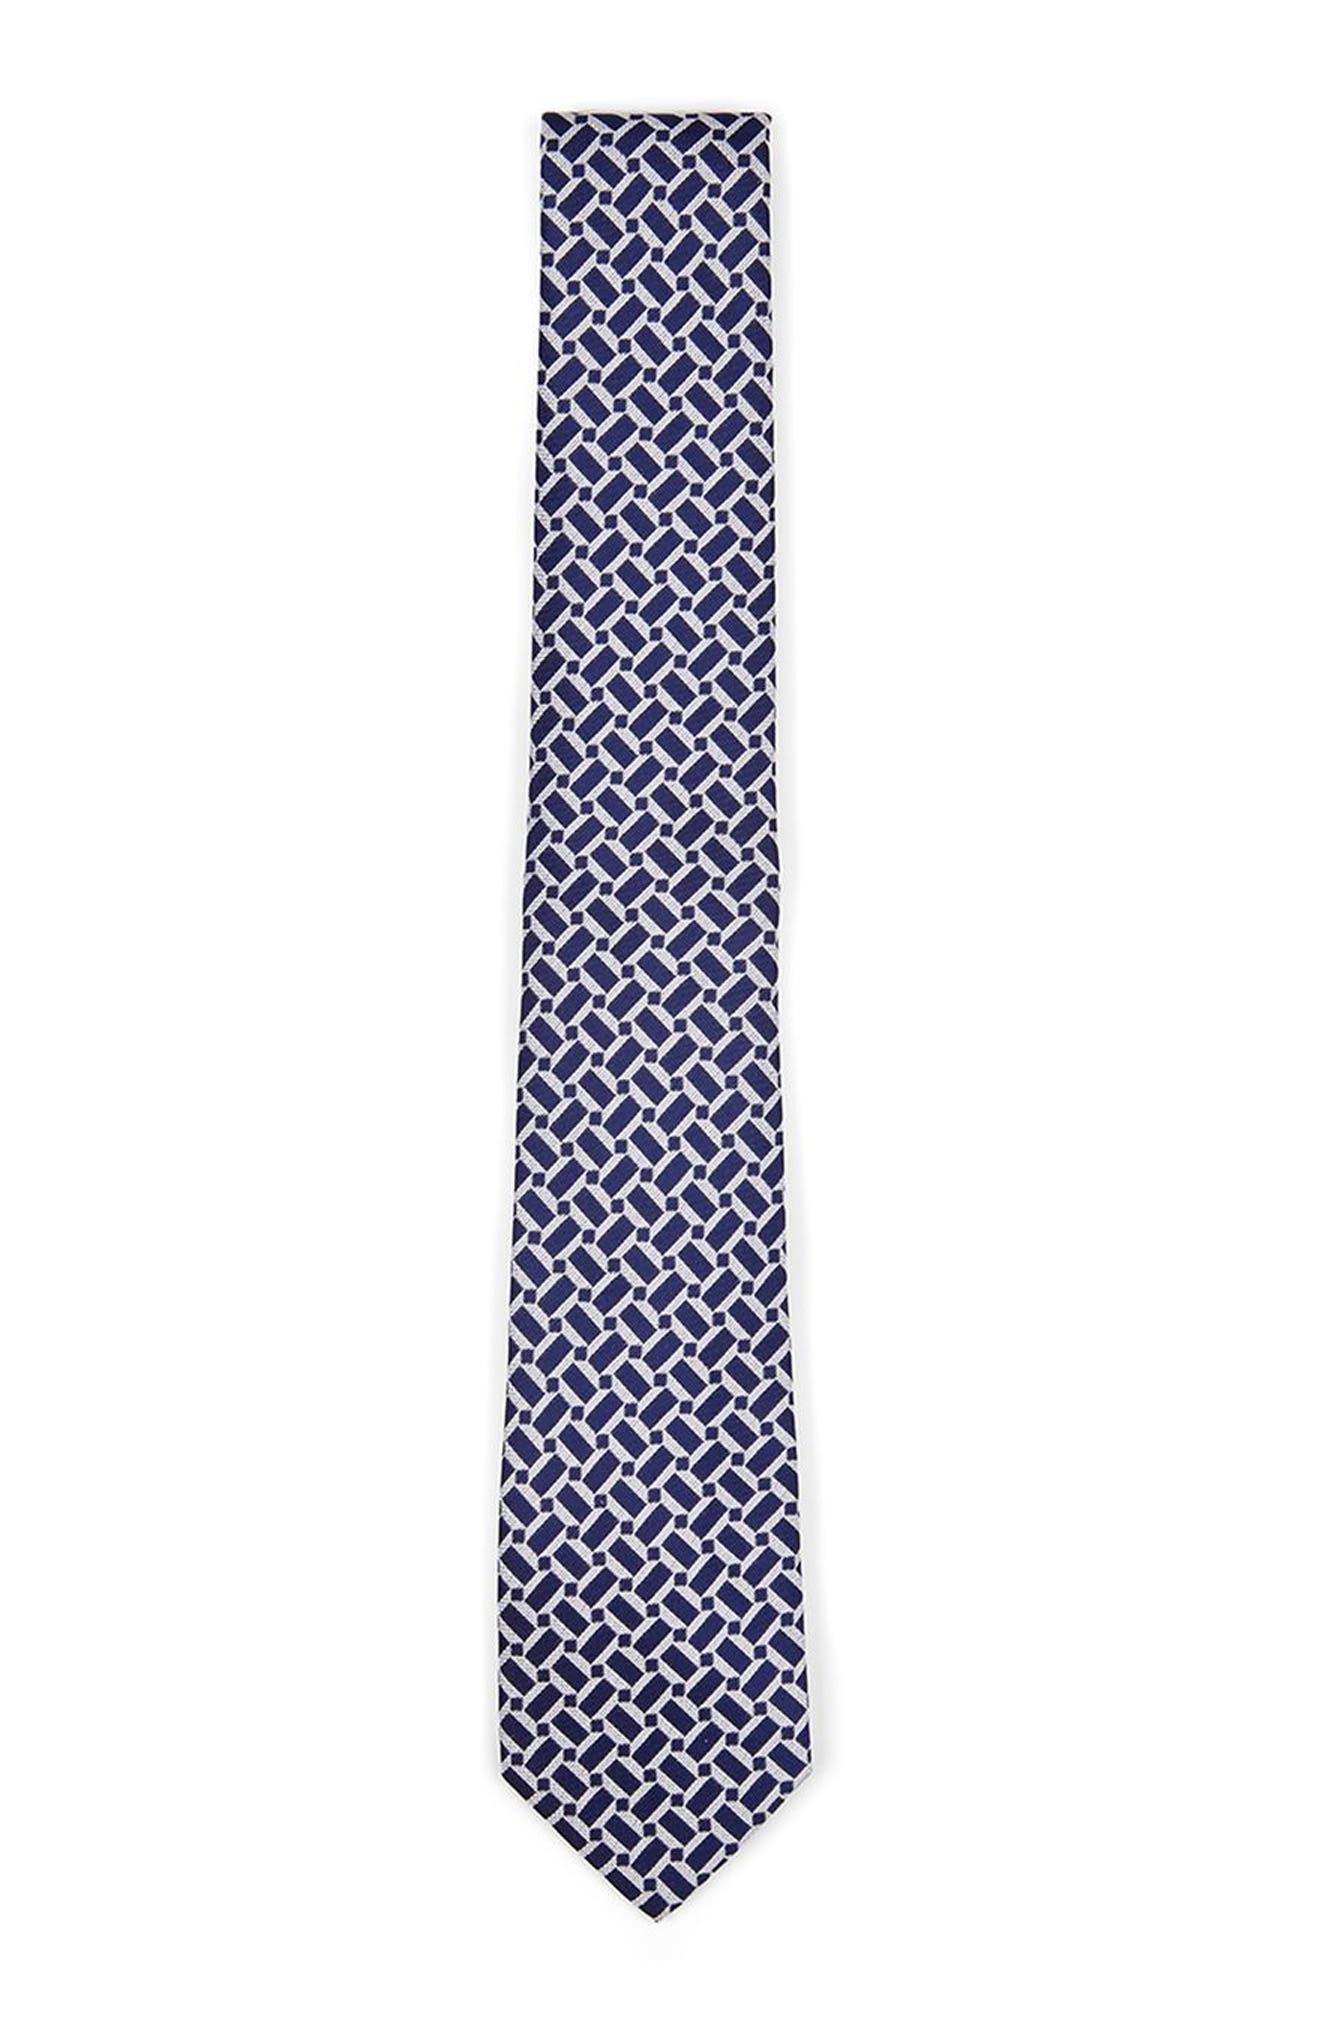 Main Image - Topman Geo Print Woven Tie